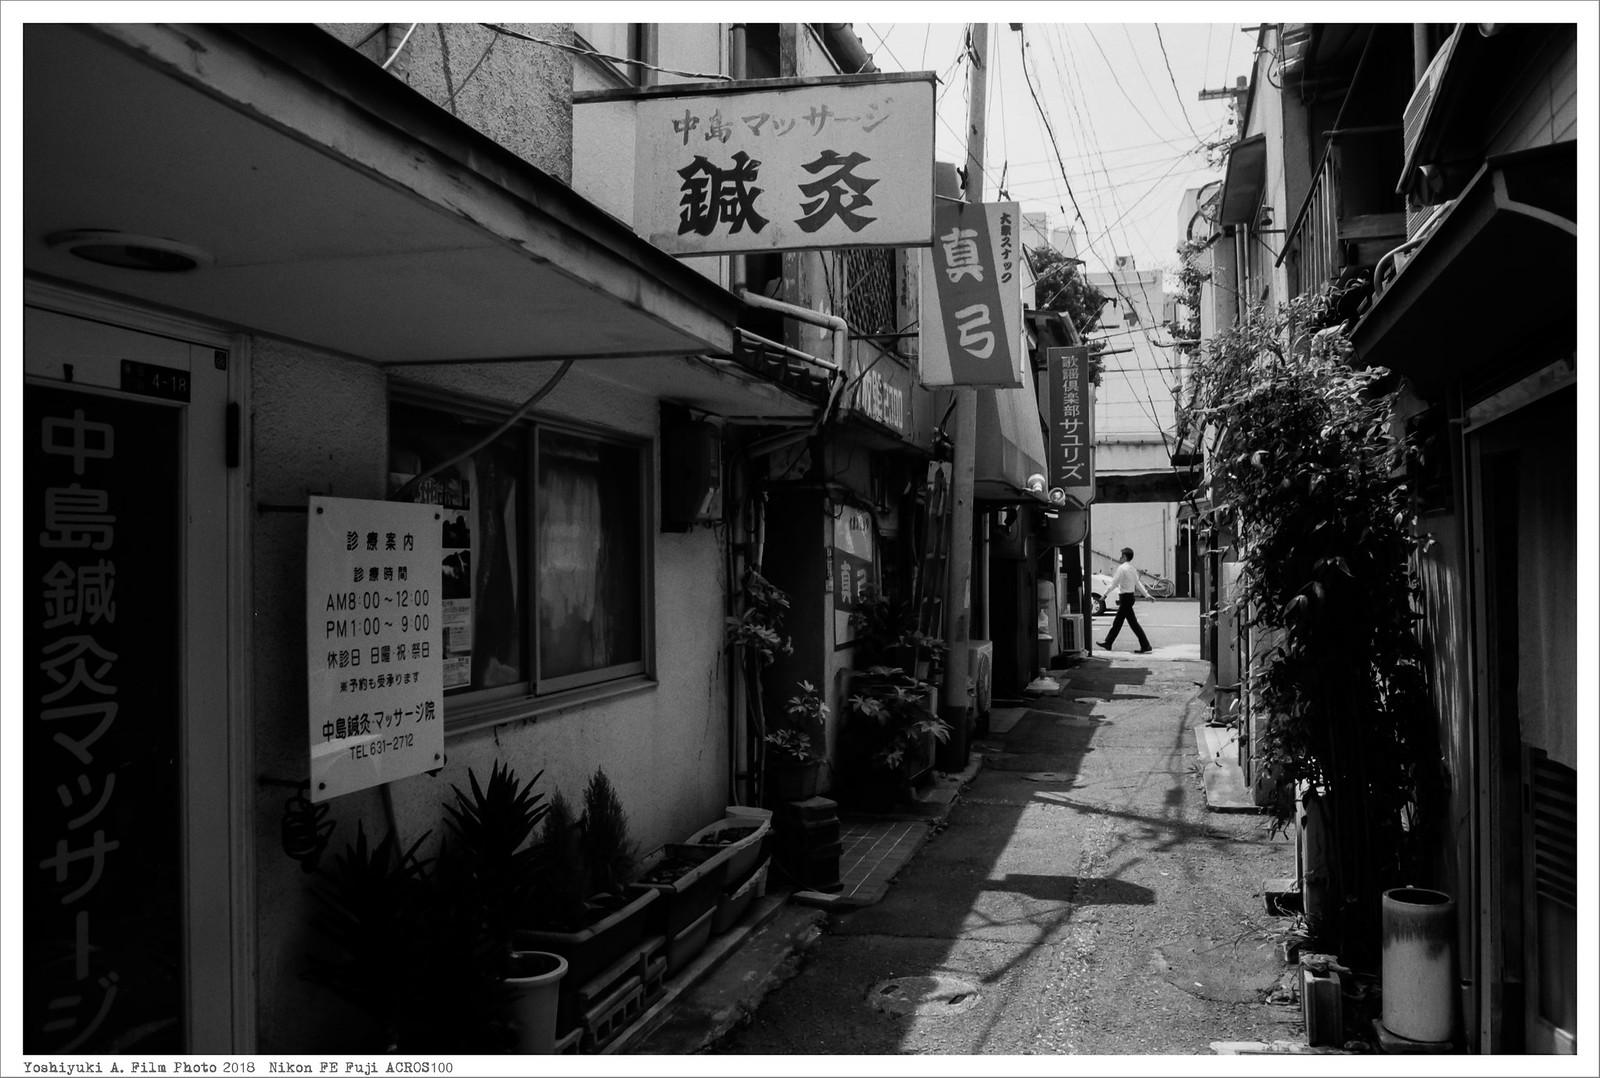 北九州市八幡 黒崎 Nikon_FE_Fuji_Acros100__91